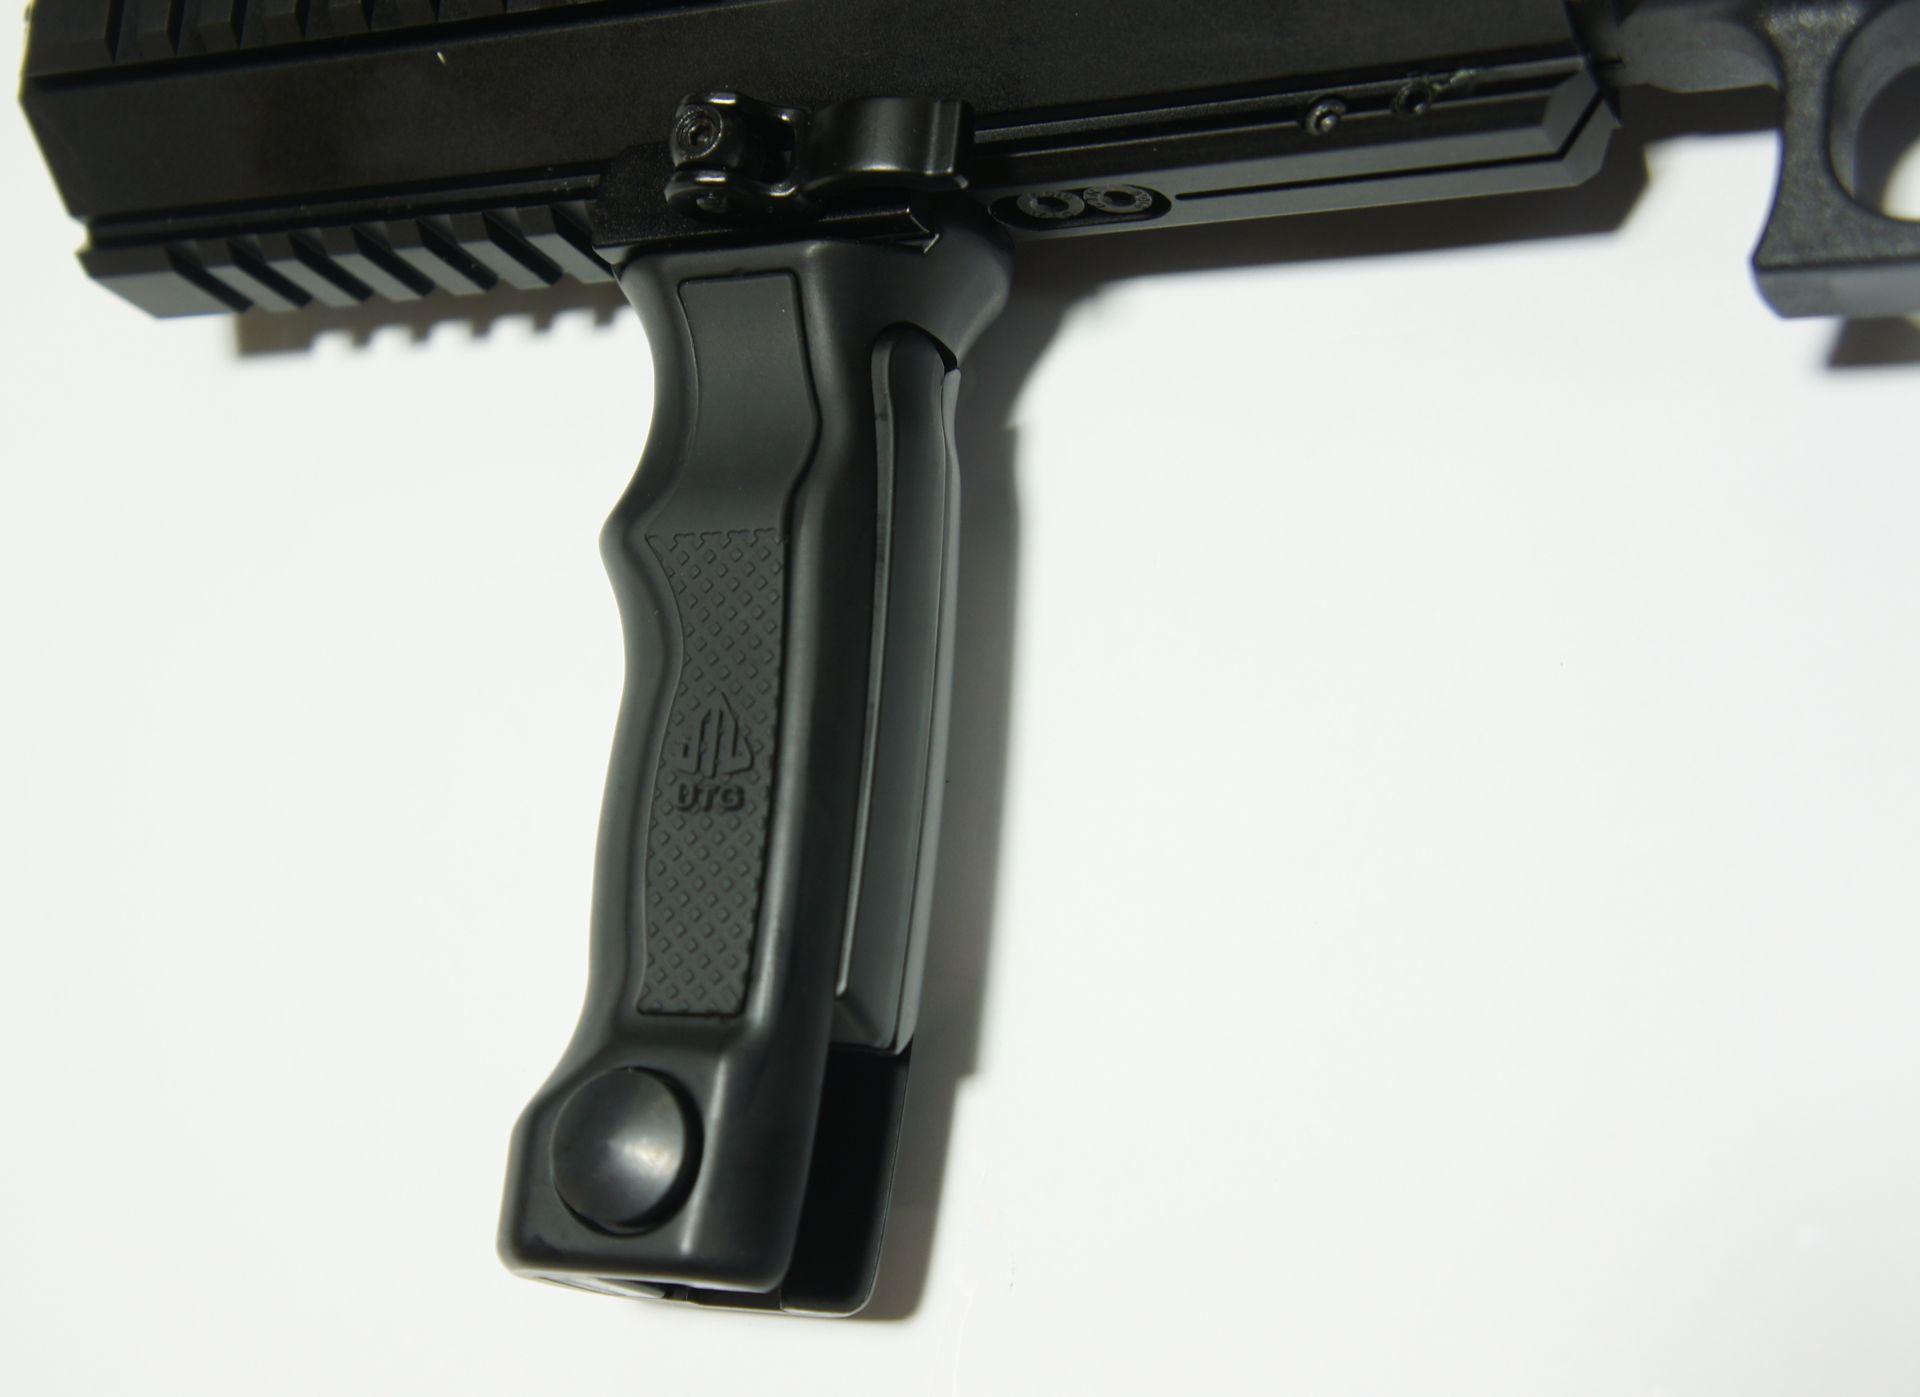 Dieses Montagebeispiel (an einer anderen Waffe) zeigt einen interessanten <a href=1165809.htm>Handgriff mit schnellöffnendem Zweibein</a>.